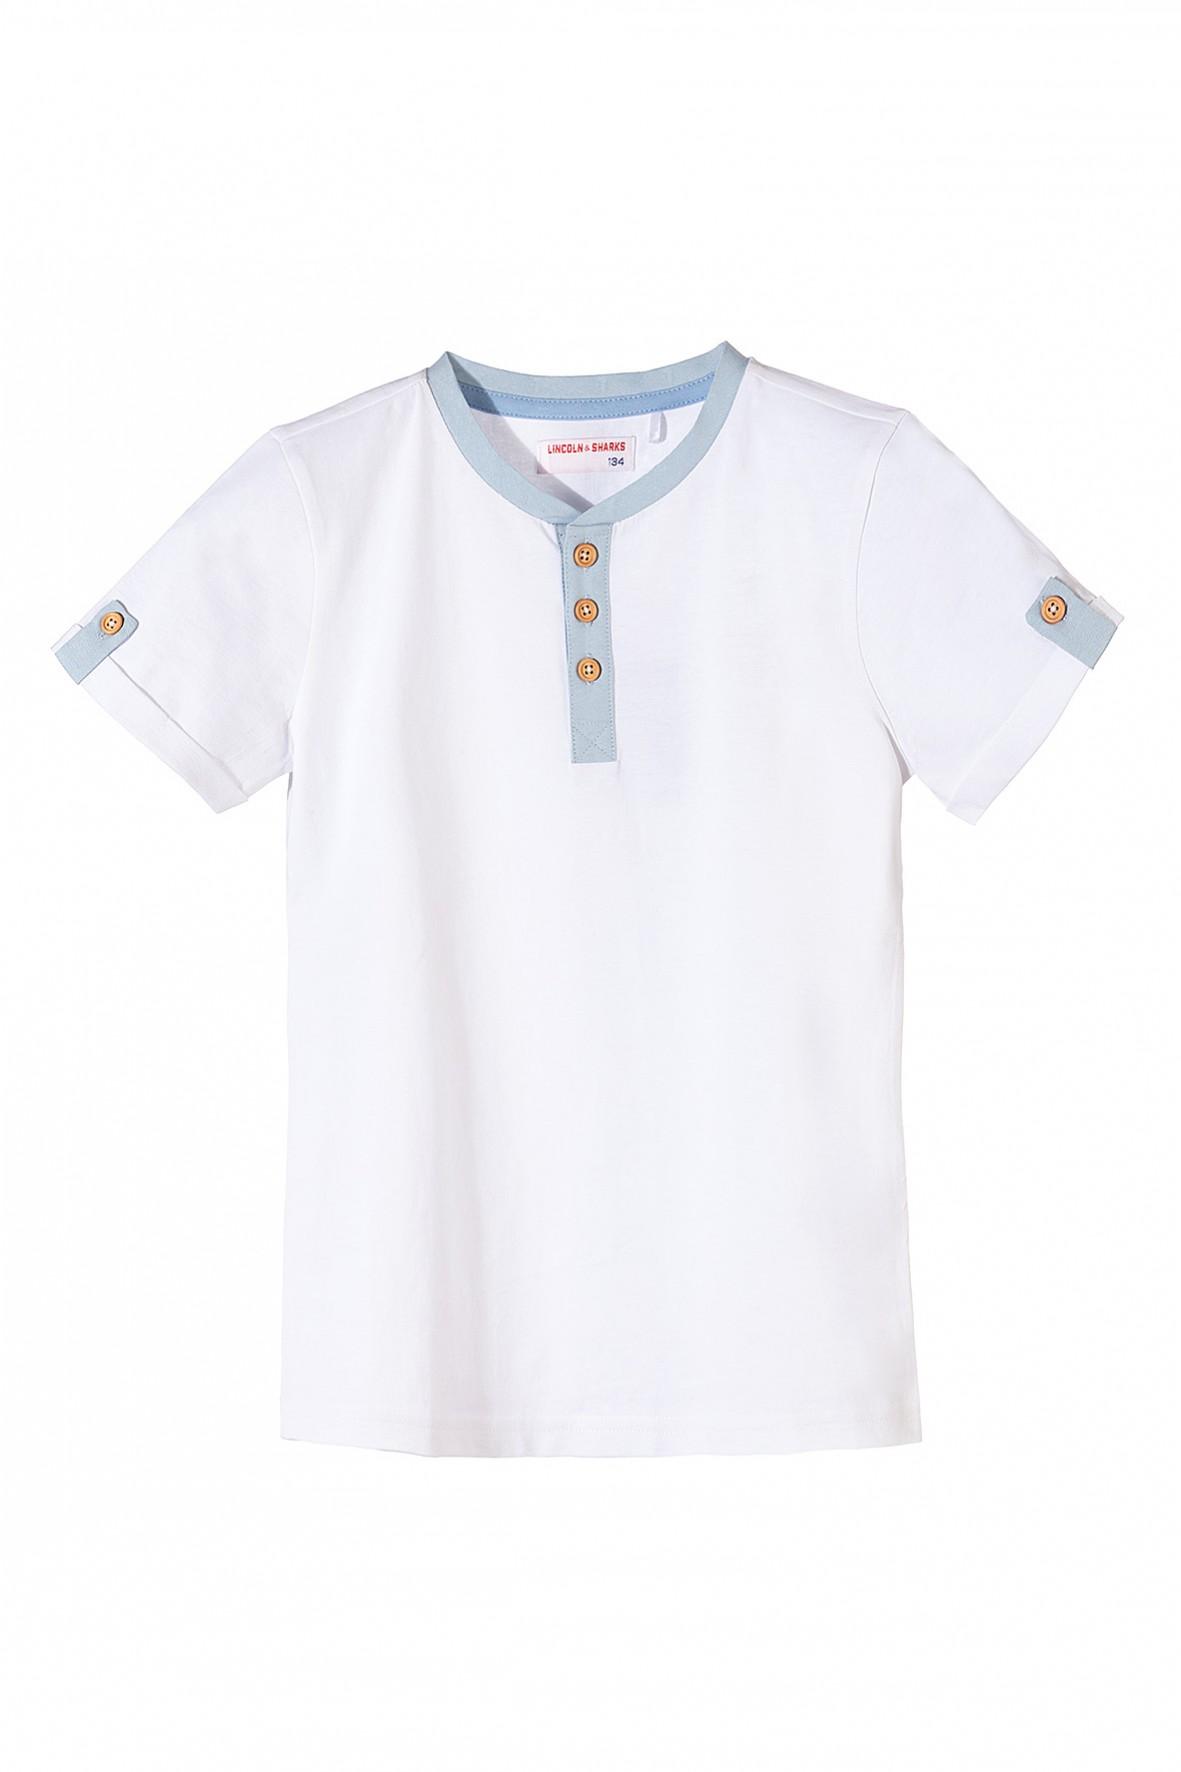 Bluzka chłopięca z krótkim rękawem biała z guzikami